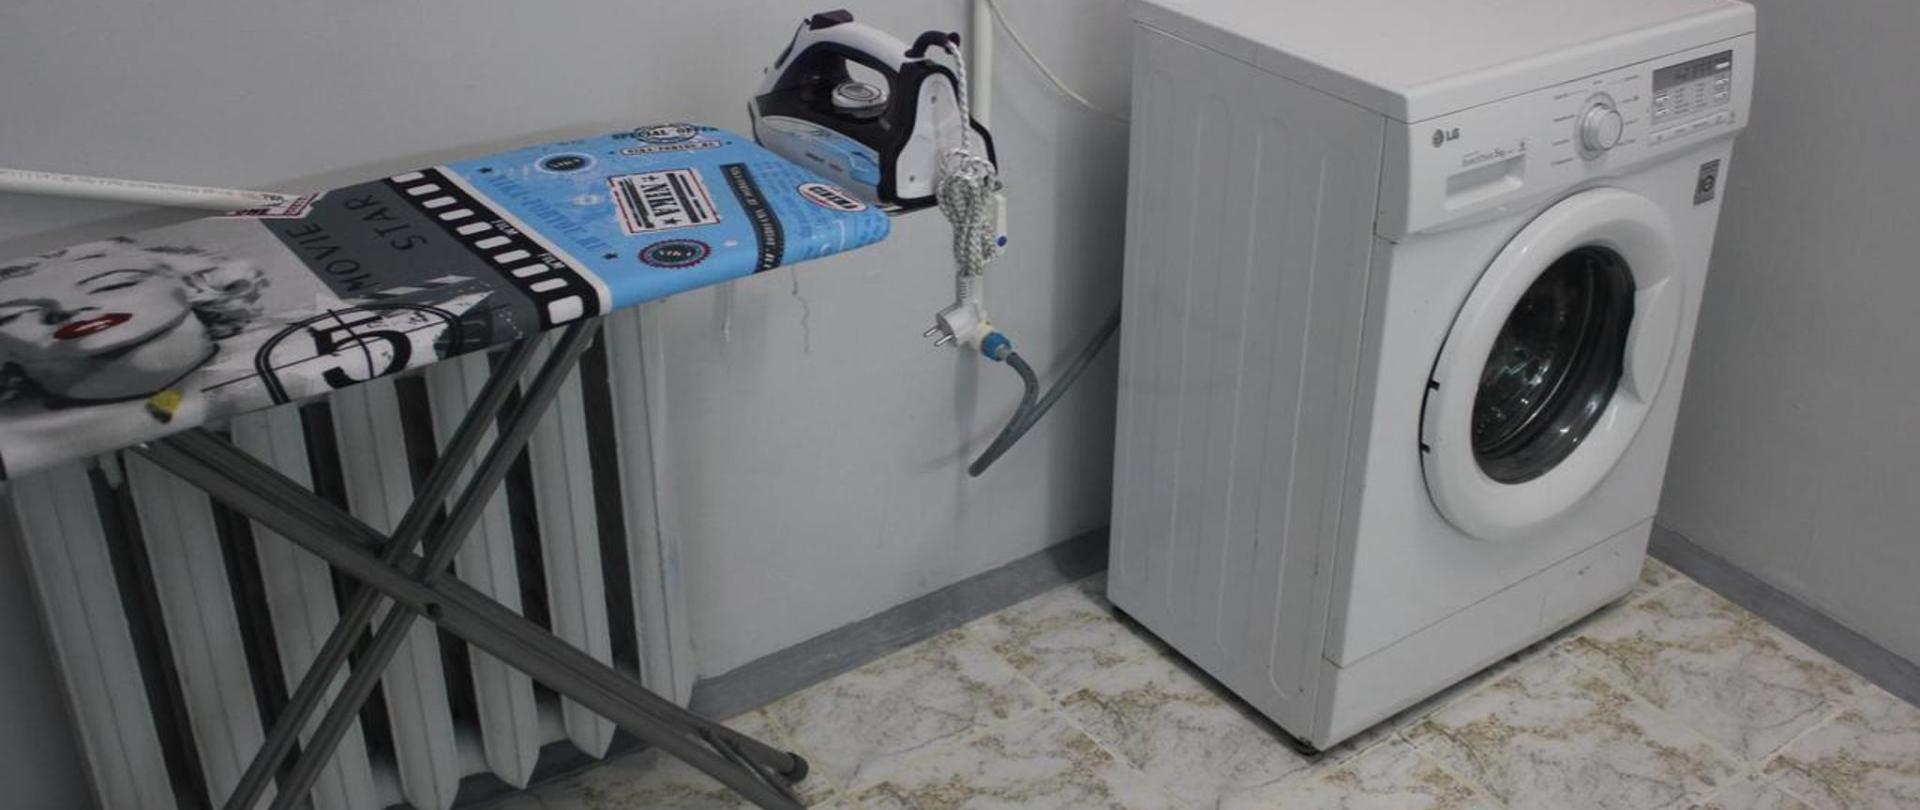 Хостел Sochi Stars в Адлере - стиральная машина и гладильная доска